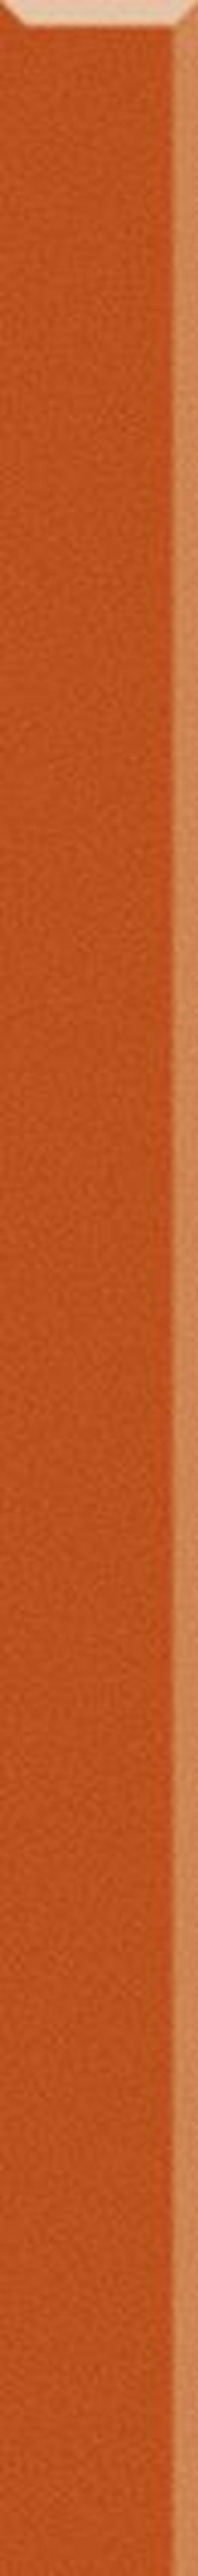 Paradyż Uniwersalna Listwa Szklana Arancione